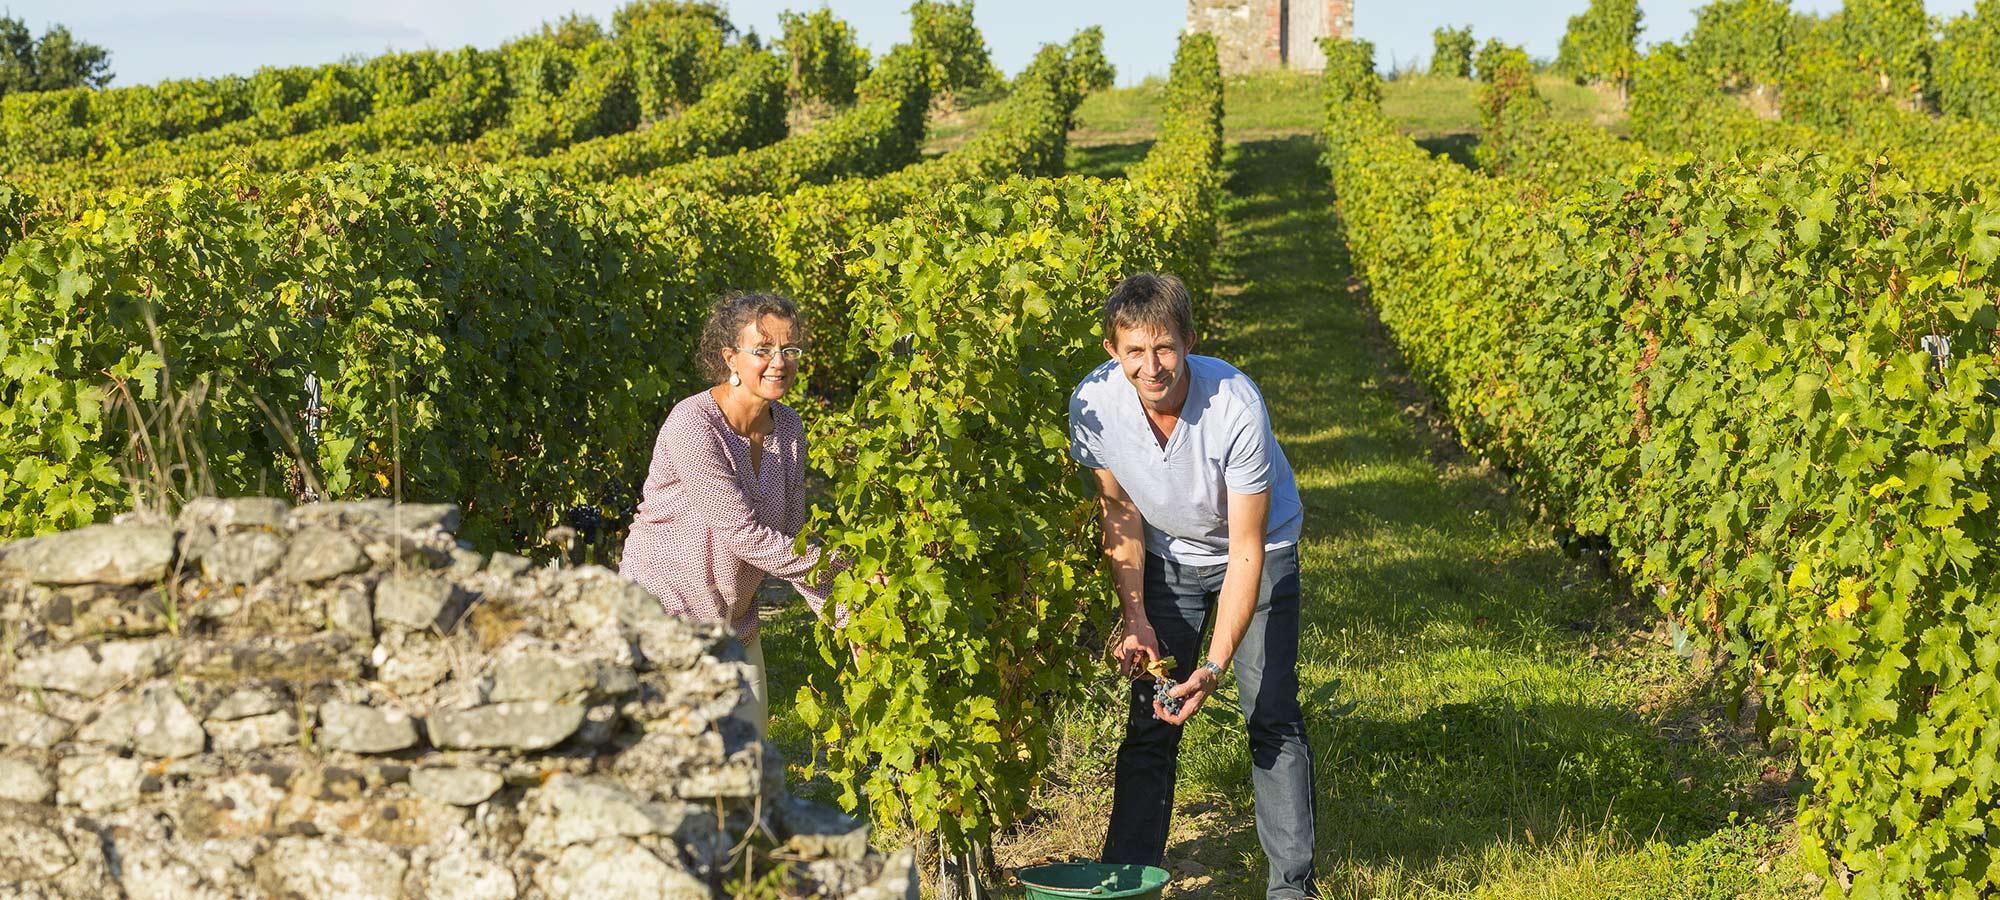 Viticulteurs dans leur vignoble